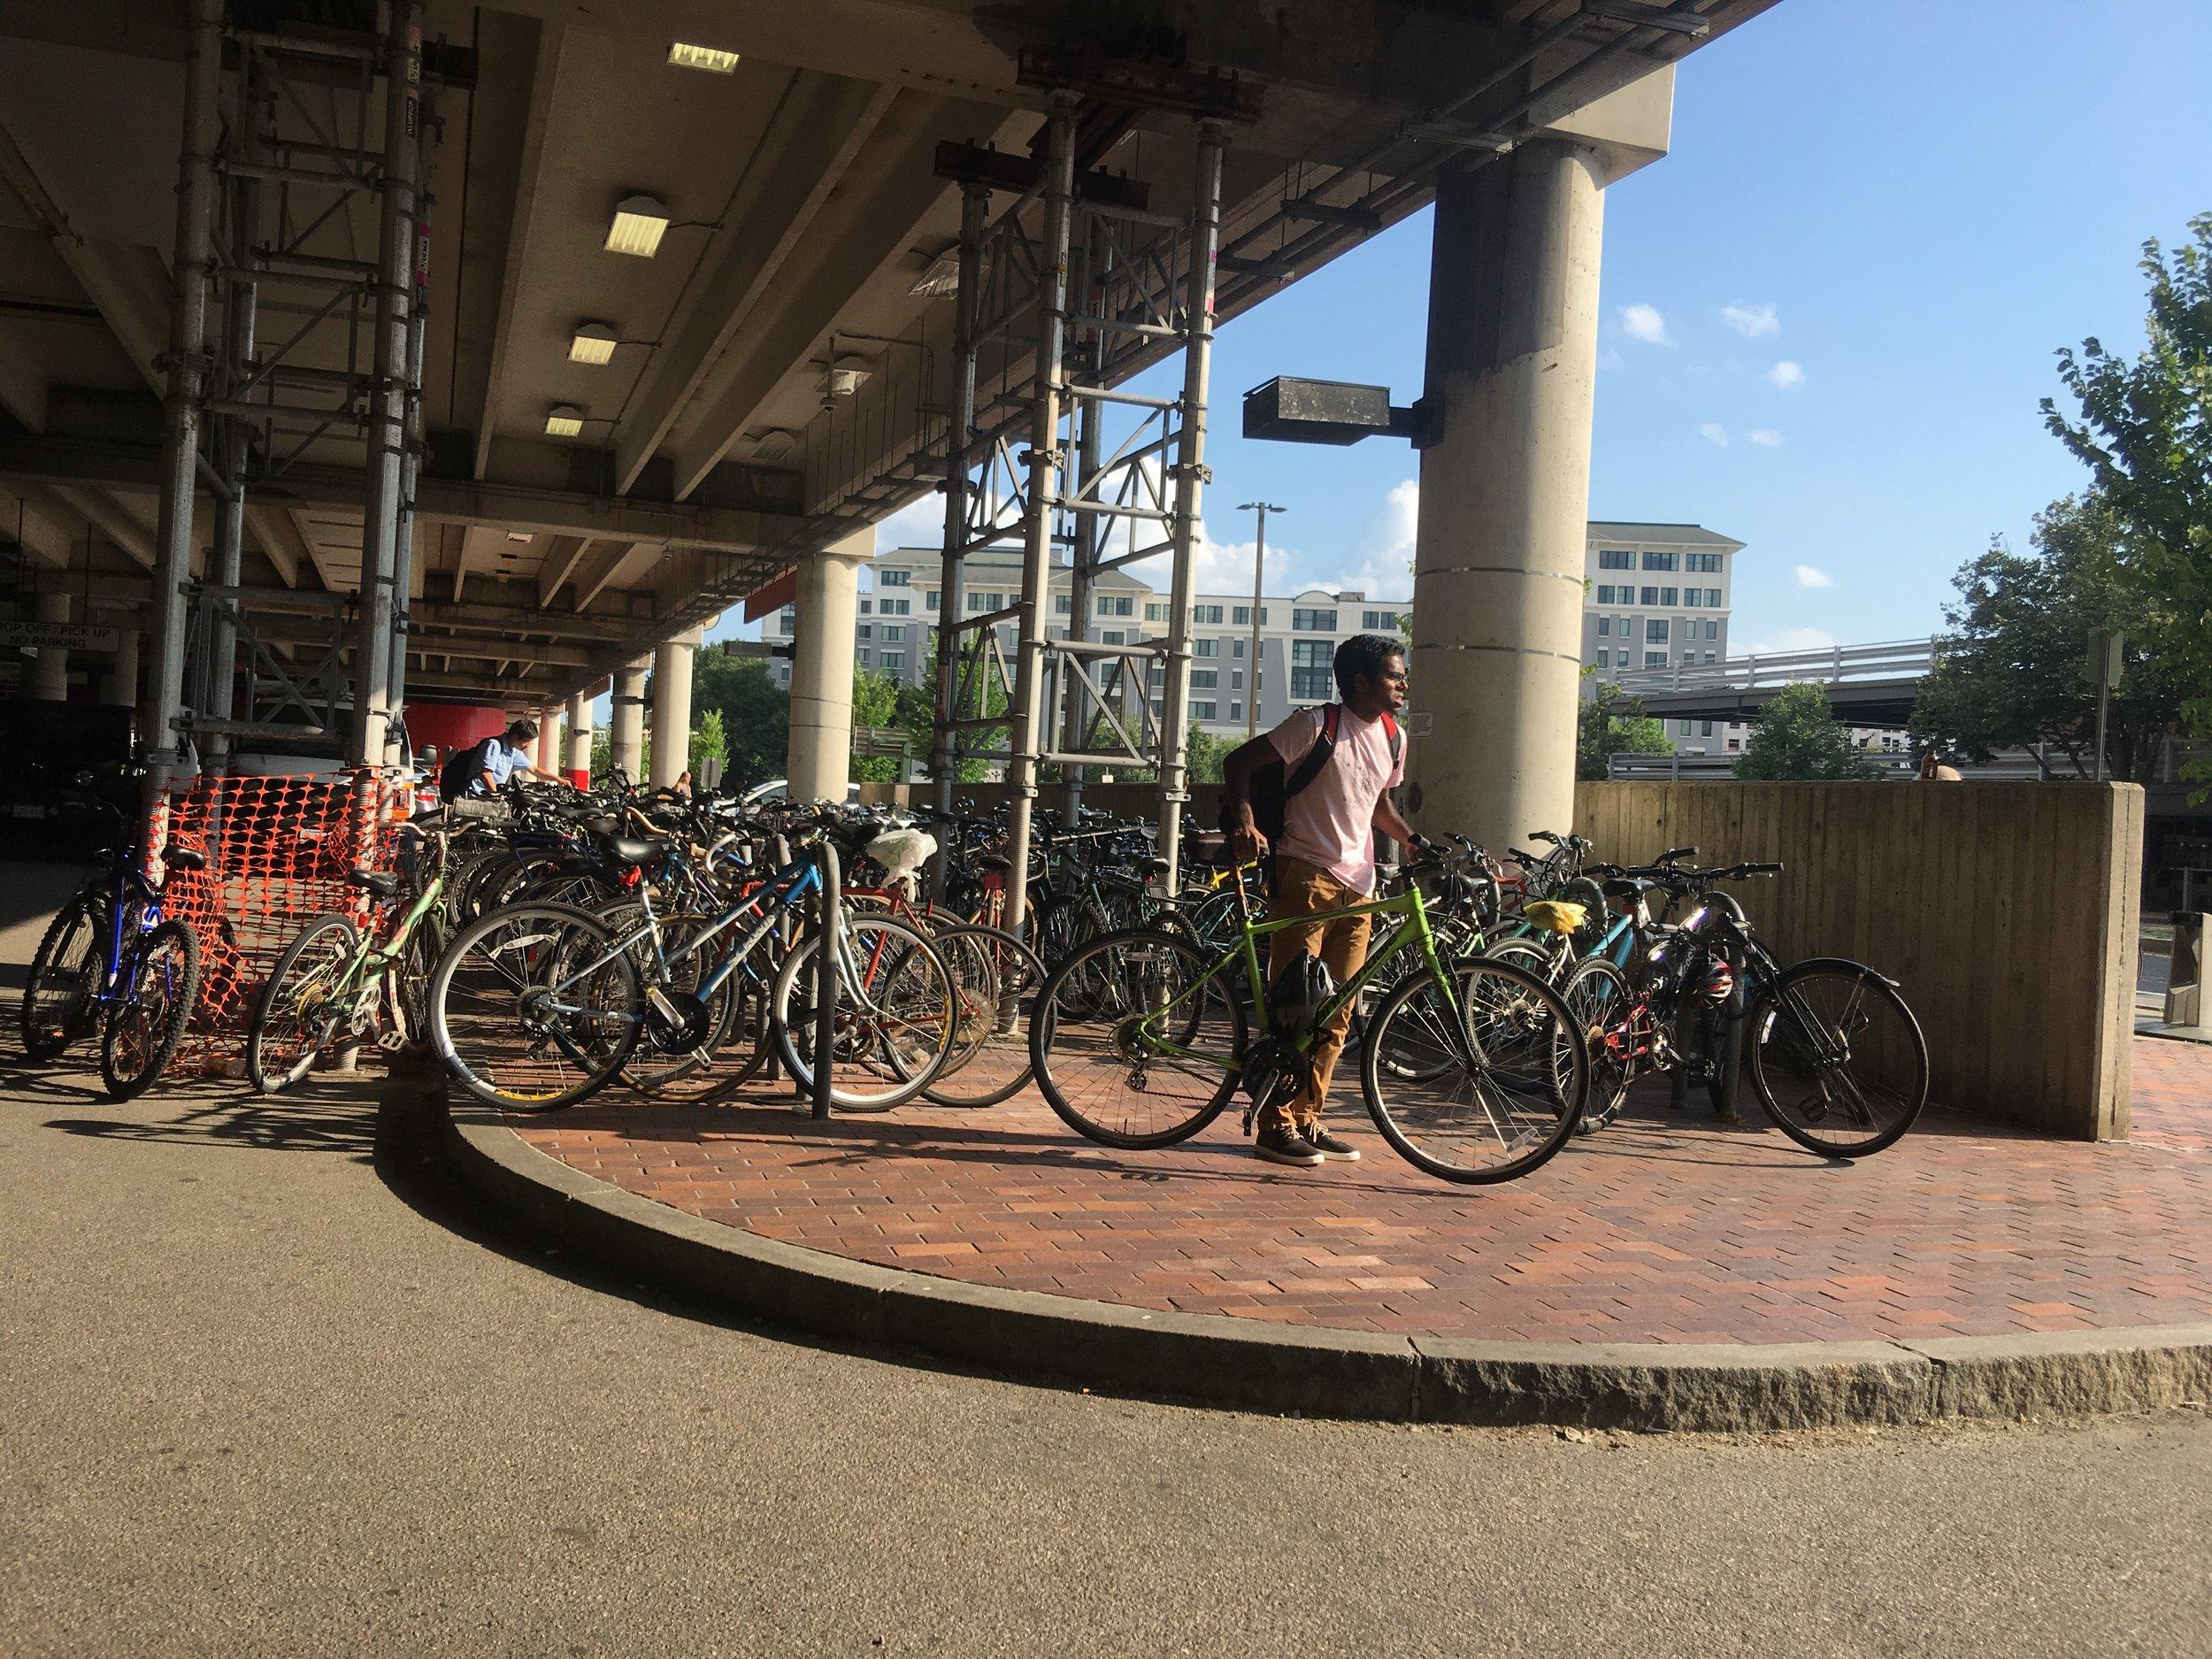 Alewife Bike Racks